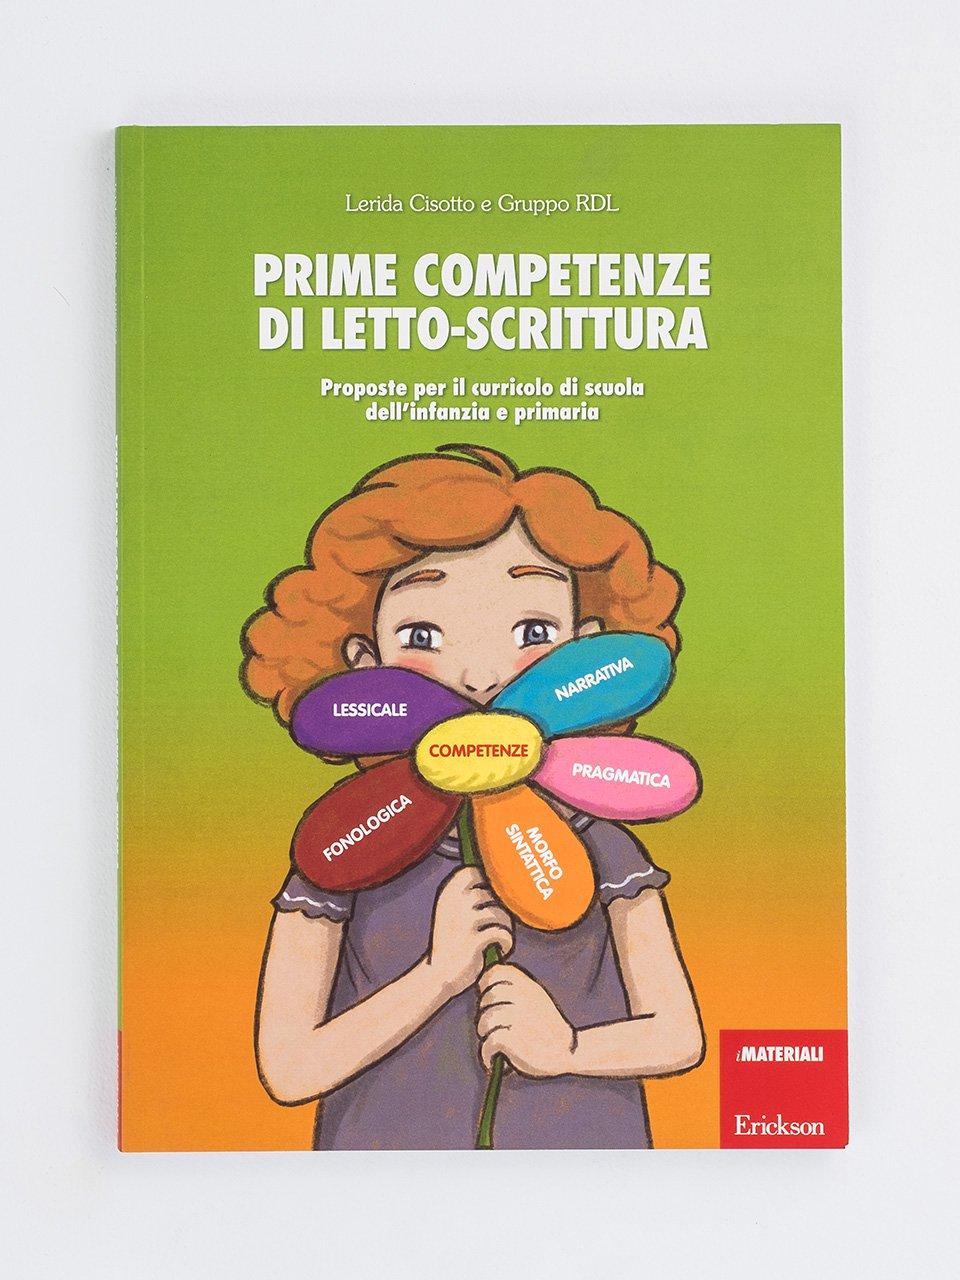 Prime competenze di letto-scrittura - Le difficoltà ortografiche - Volume 1 - Libri - App e software - Erickson 2